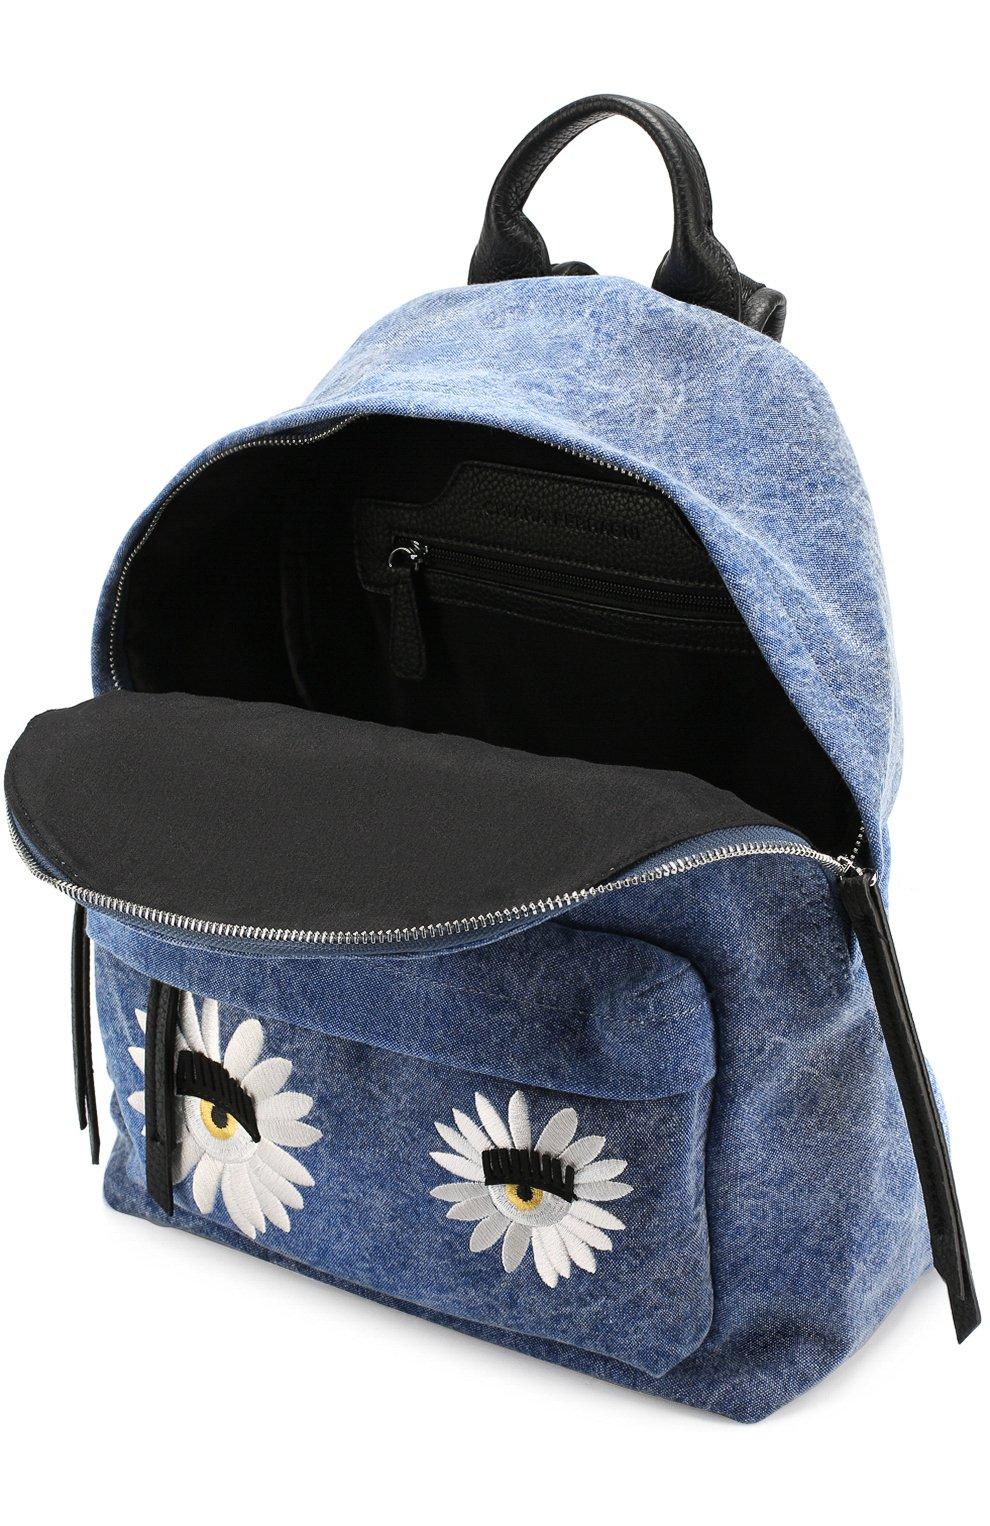 Текстильный рюкзак Flirting с вышивкой в виде цветов | Фото №4